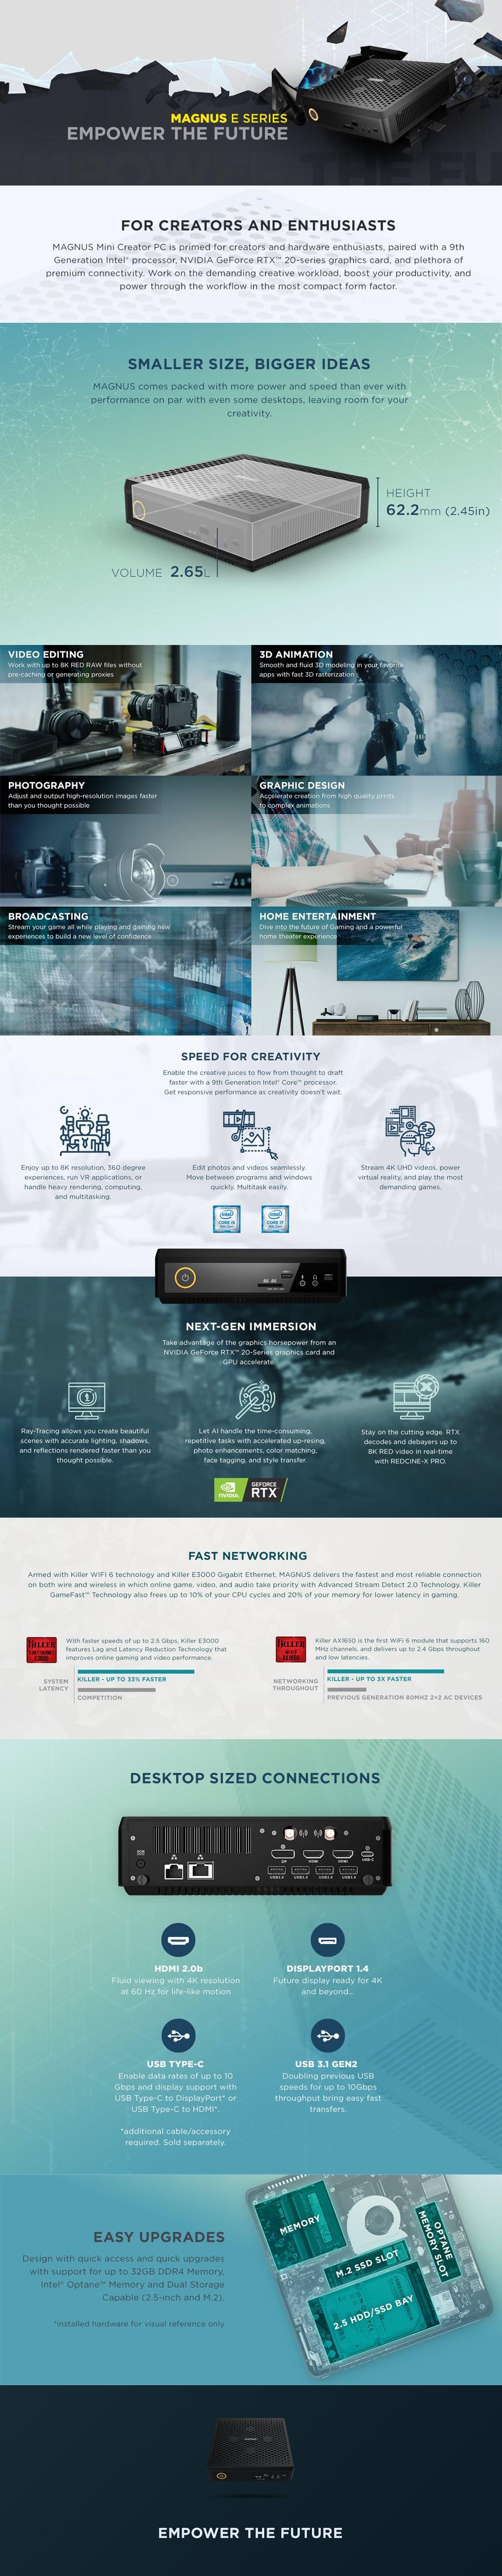 Zotac ZBOX EN72070V Barebone Mini PC - i7-9750H RTX2070 - Overview 1